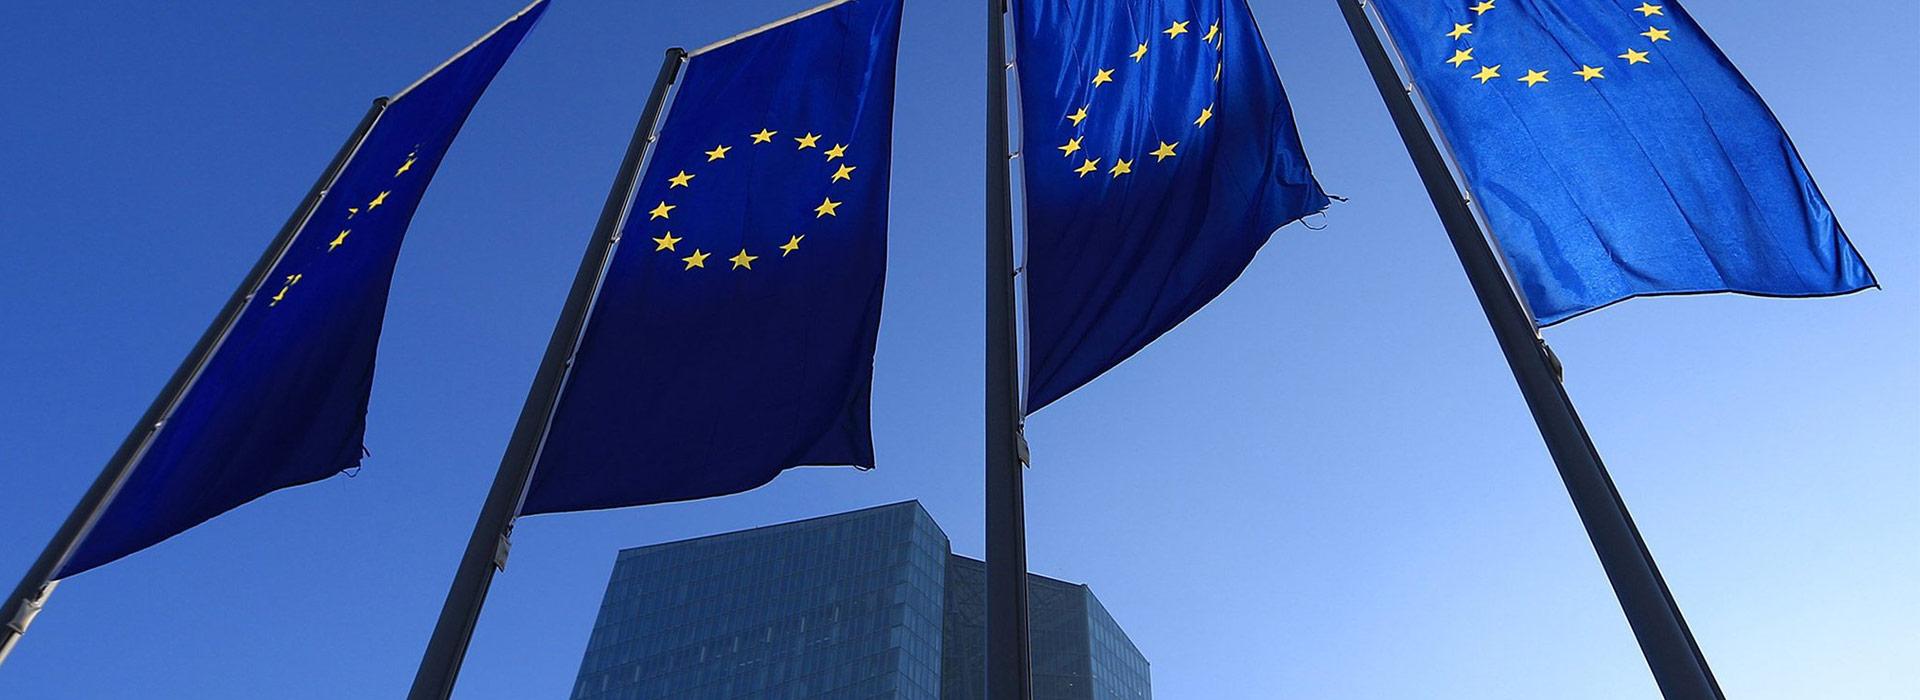 Siamo impegnati in numerosi progetti di cooperazione territoriale interregionali e transfontalieri